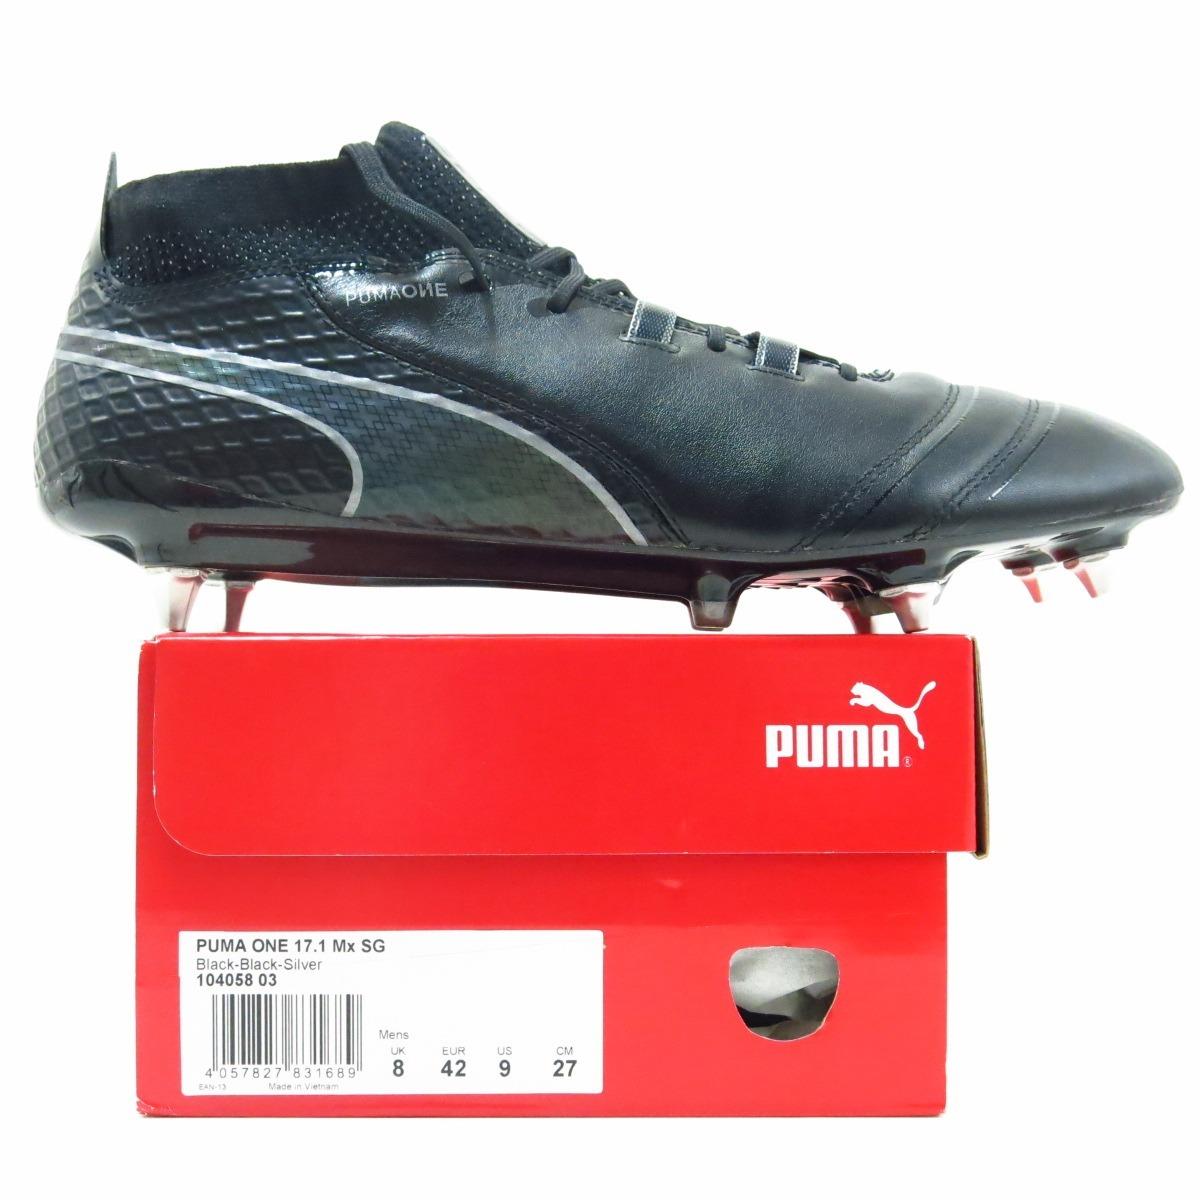 0803b9cbc24 Chuteira Campo Puma One 17.1 Sg Pro Original Couro Canguru - R  569 ...